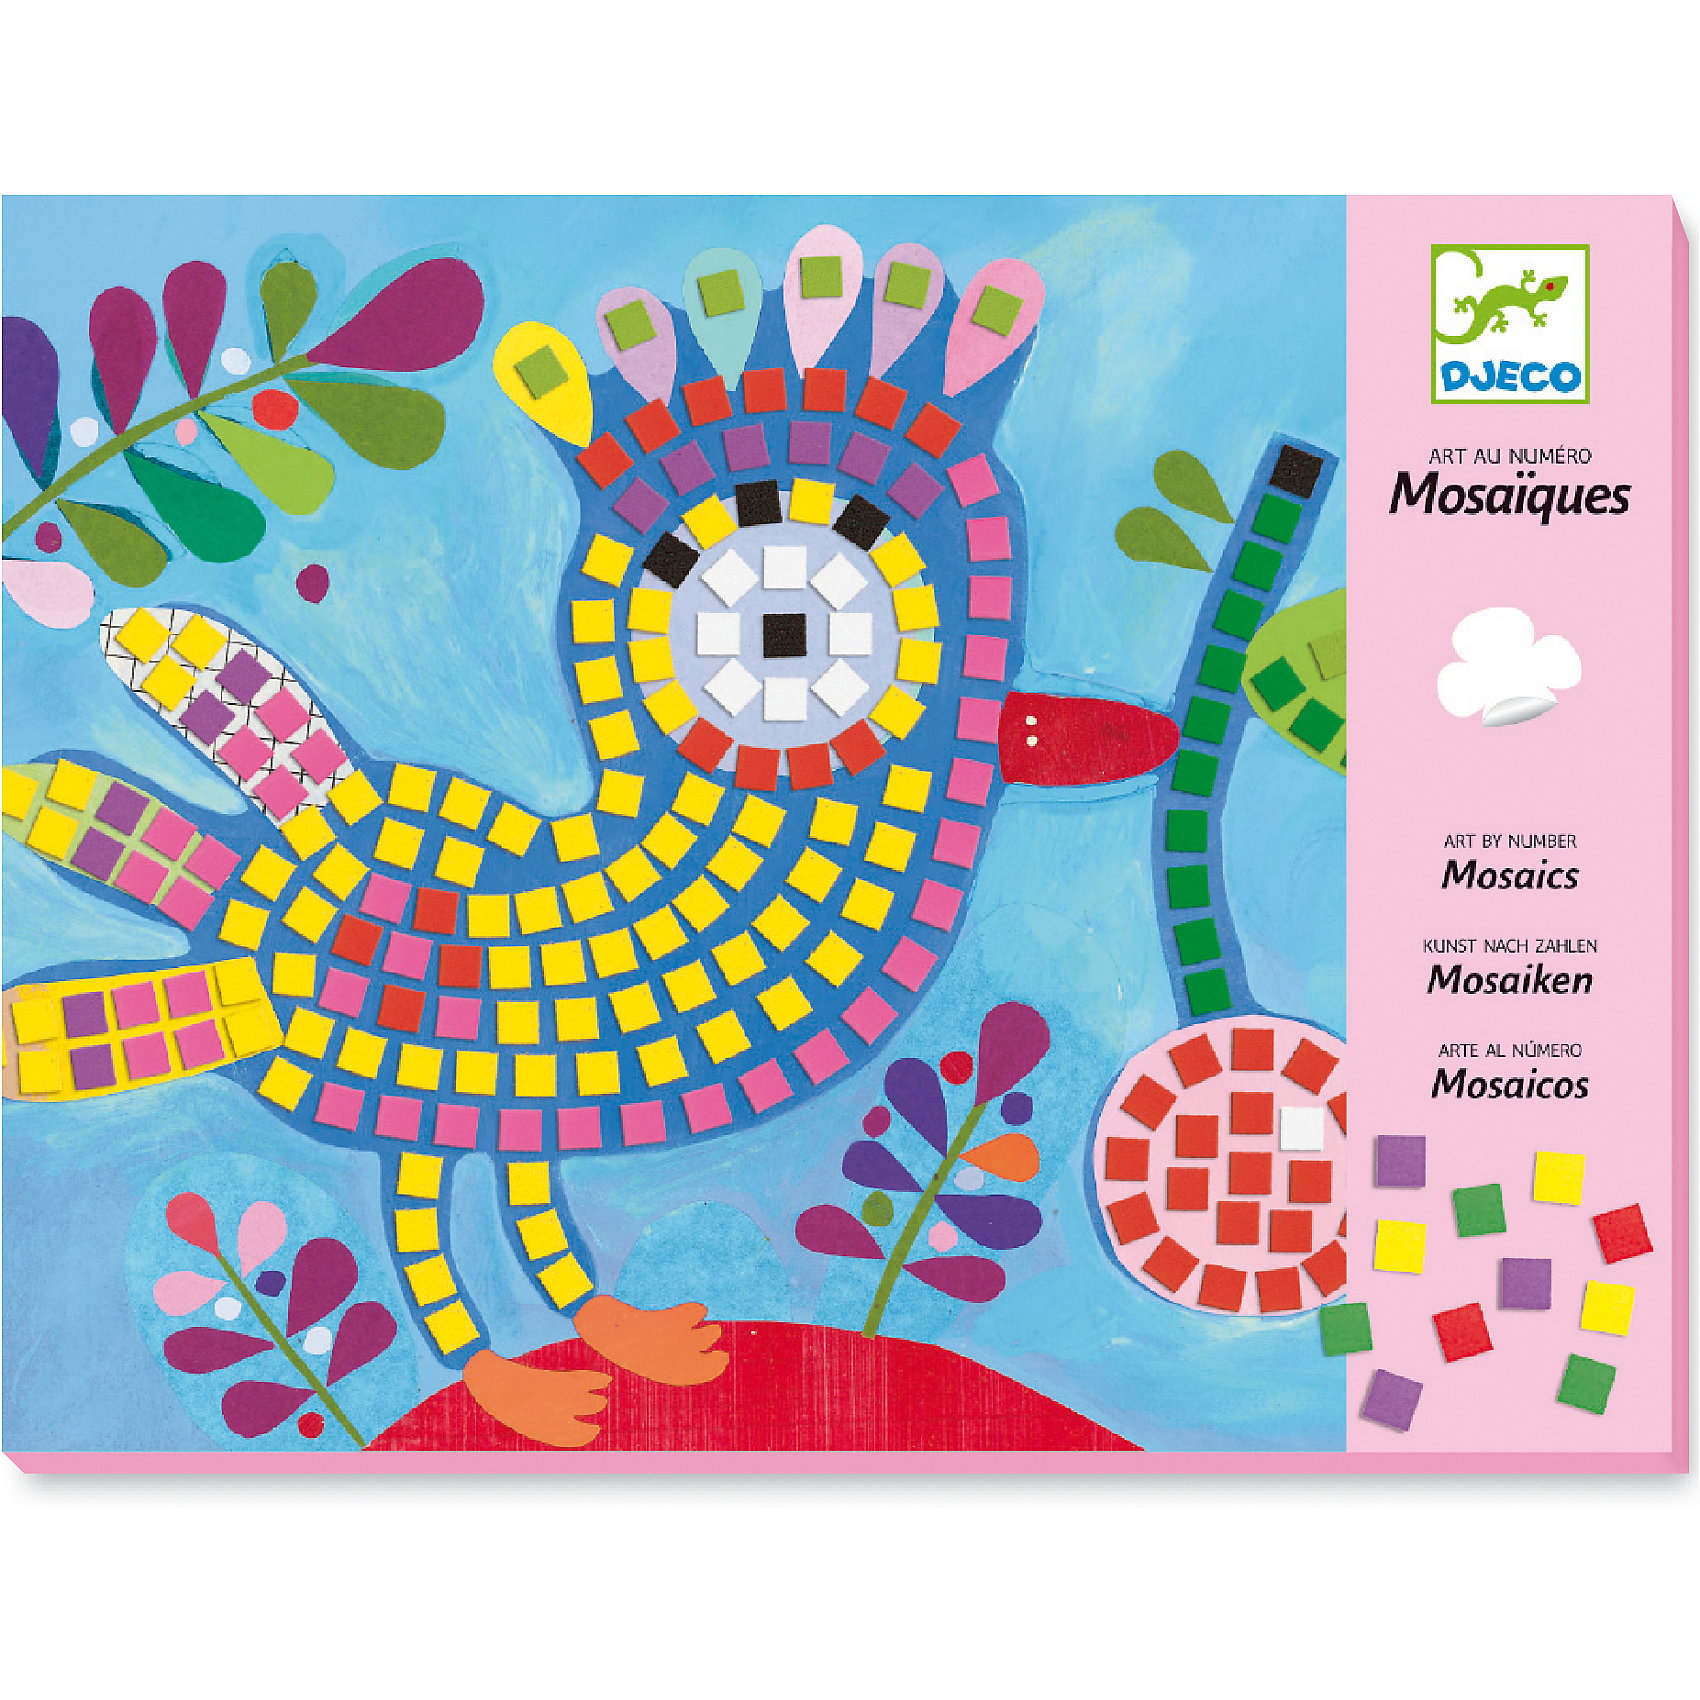 Мозаика Птица и божья коровкаКлассическая мозаика<br>Набор для создания красочной мозаики станет увлекательной игрой как для девочек, так и для мальчиков. С помощью набора Djeco можно создавать картинки посредством инструкции или же придумывать собственные варианты, проявляя творческие способности. Набор для творчества Djeco развивает мелкую моторику, образное и логическое мышление, учит малыша внимательности и усидчивости. В наборе: 2 картинки, небольшие плитки для мозаики 6,5 х 6,5 мм.<br><br>Мозаика Птица и божья коровка можно купить в нашем магазине.<br><br>Ширина мм: 290<br>Глубина мм: 220<br>Высота мм: 10<br>Вес г: 230<br>Возраст от месяцев: 48<br>Возраст до месяцев: 96<br>Пол: Унисекс<br>Возраст: Детский<br>SKU: 4783863